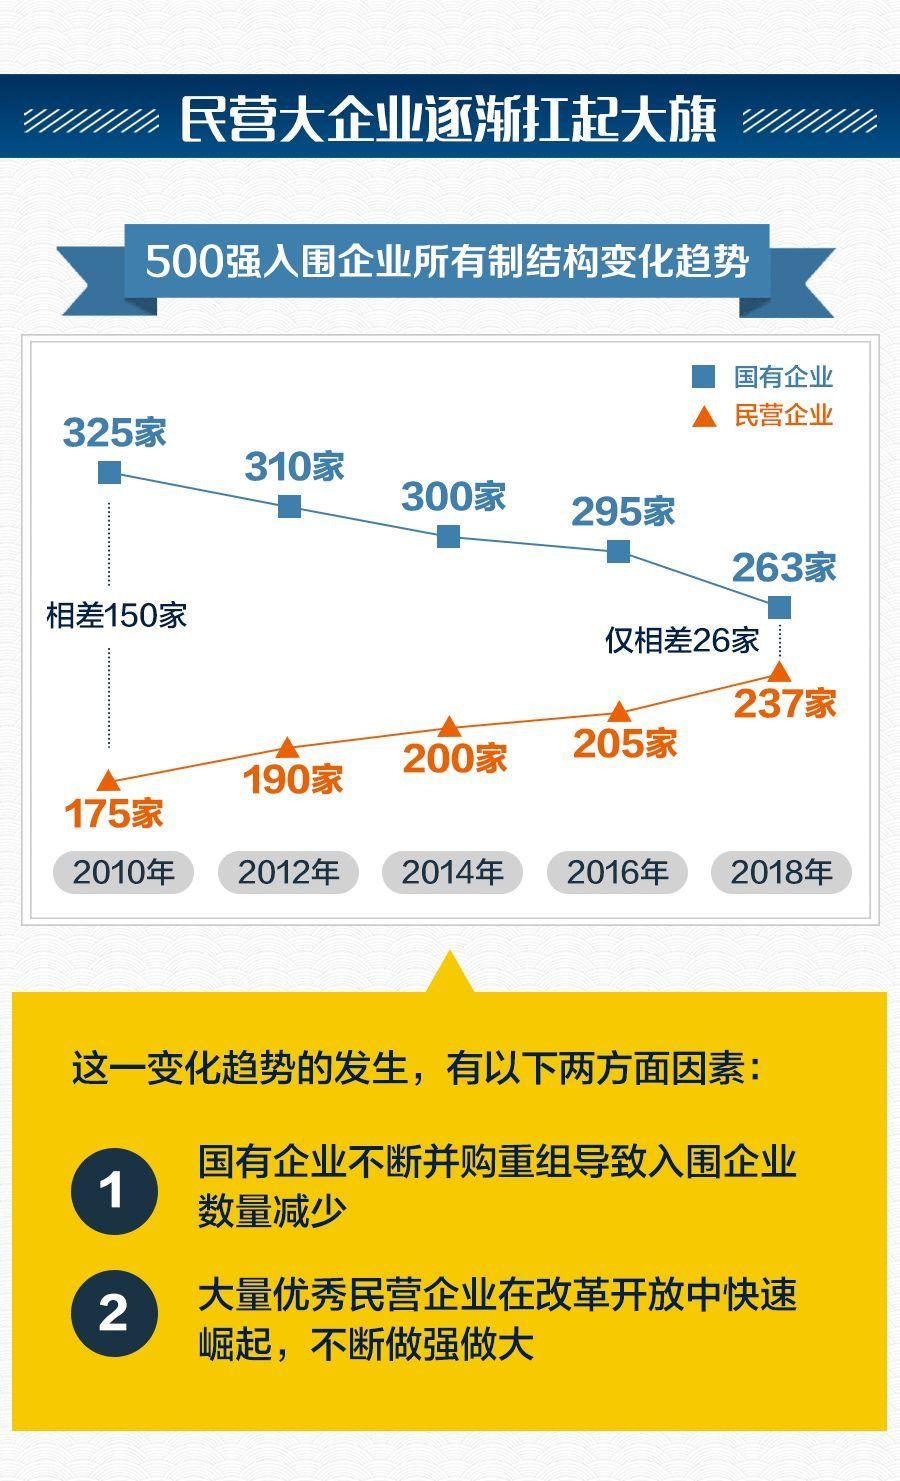 2018中国企业排行榜_2018中国企业500强榜单出炉,浙江48家入选 附详细排名